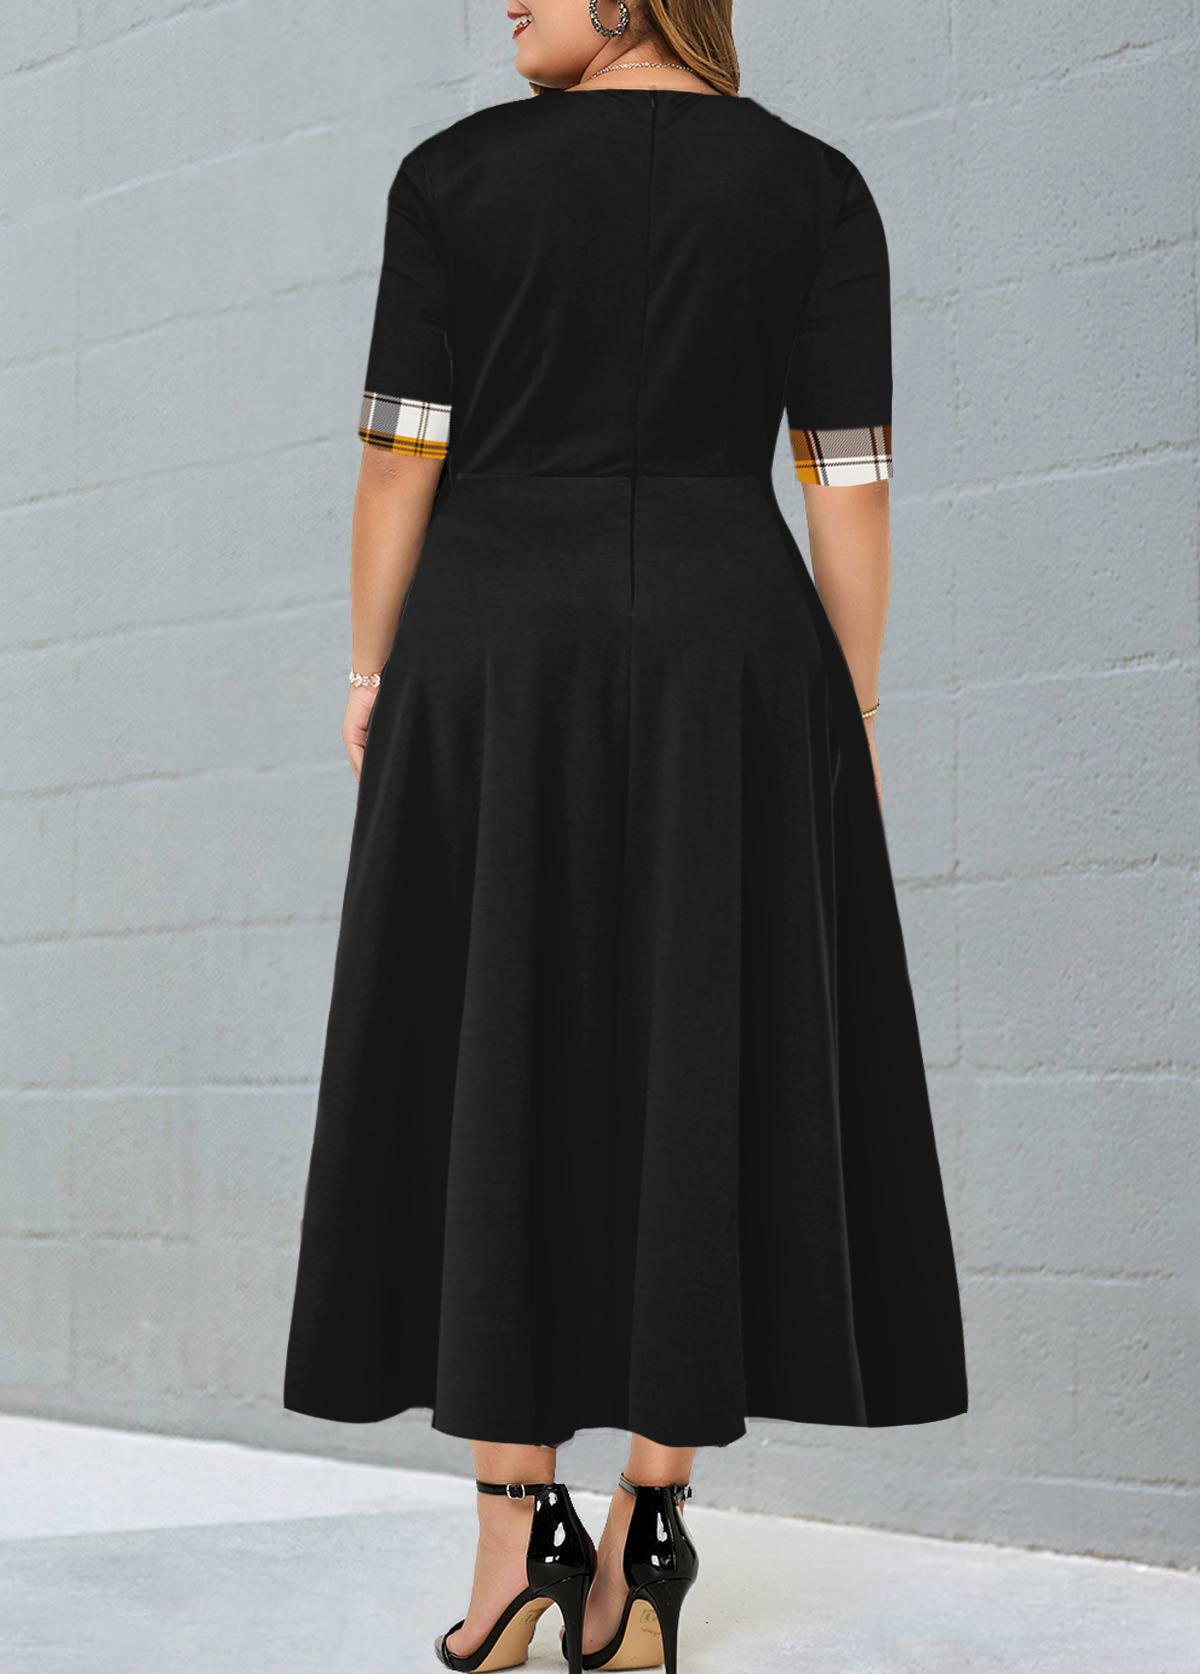 Plaid Contrast Plus Size Maxi Dress